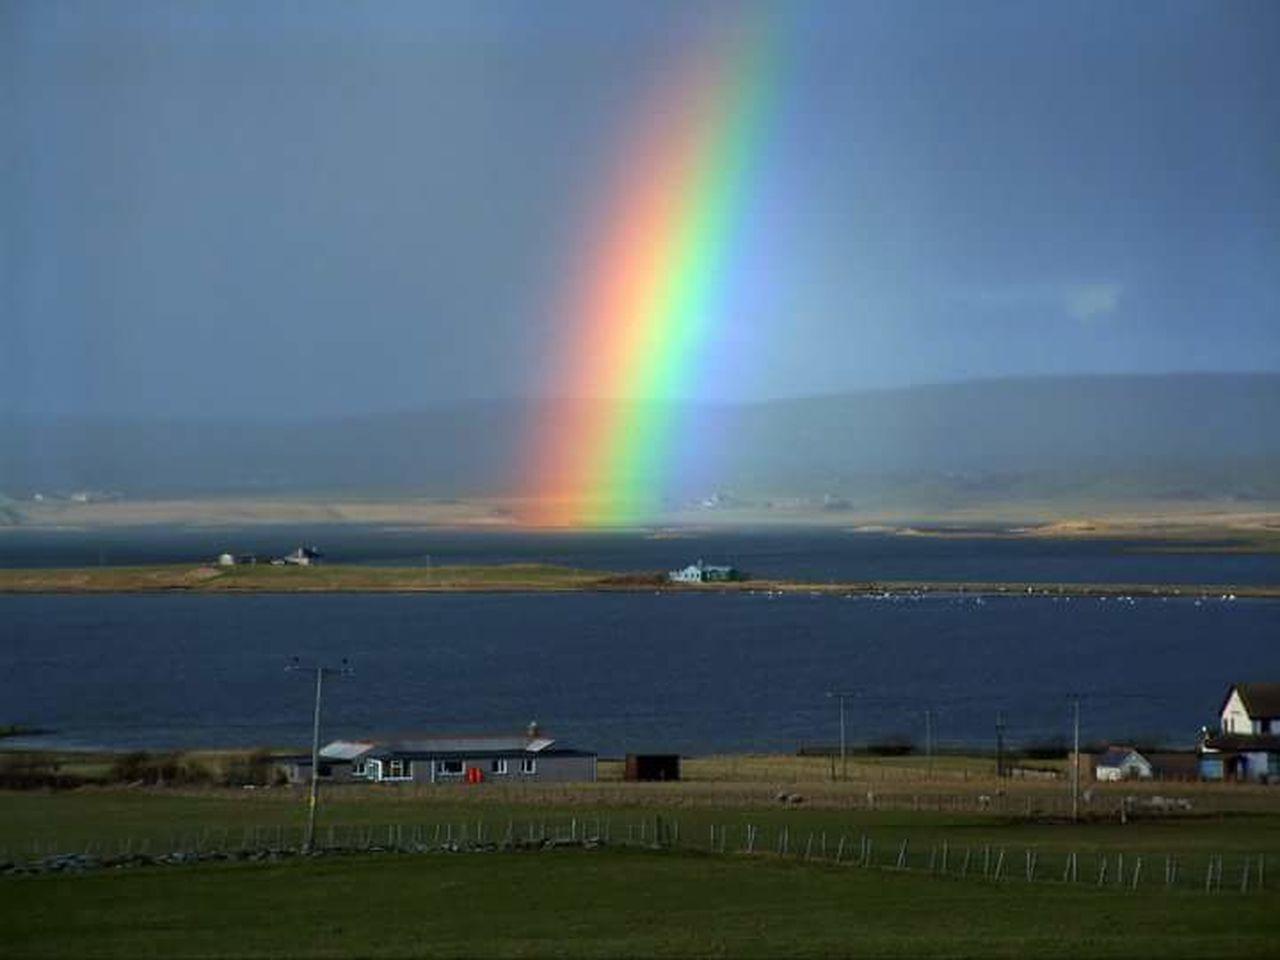 Rainbow Stennessloch Stenness Lochofharray Orkneyislands Johnnelson Lifeasiseeit Scotland Harrayloch Island Life Scottish Weather!!!